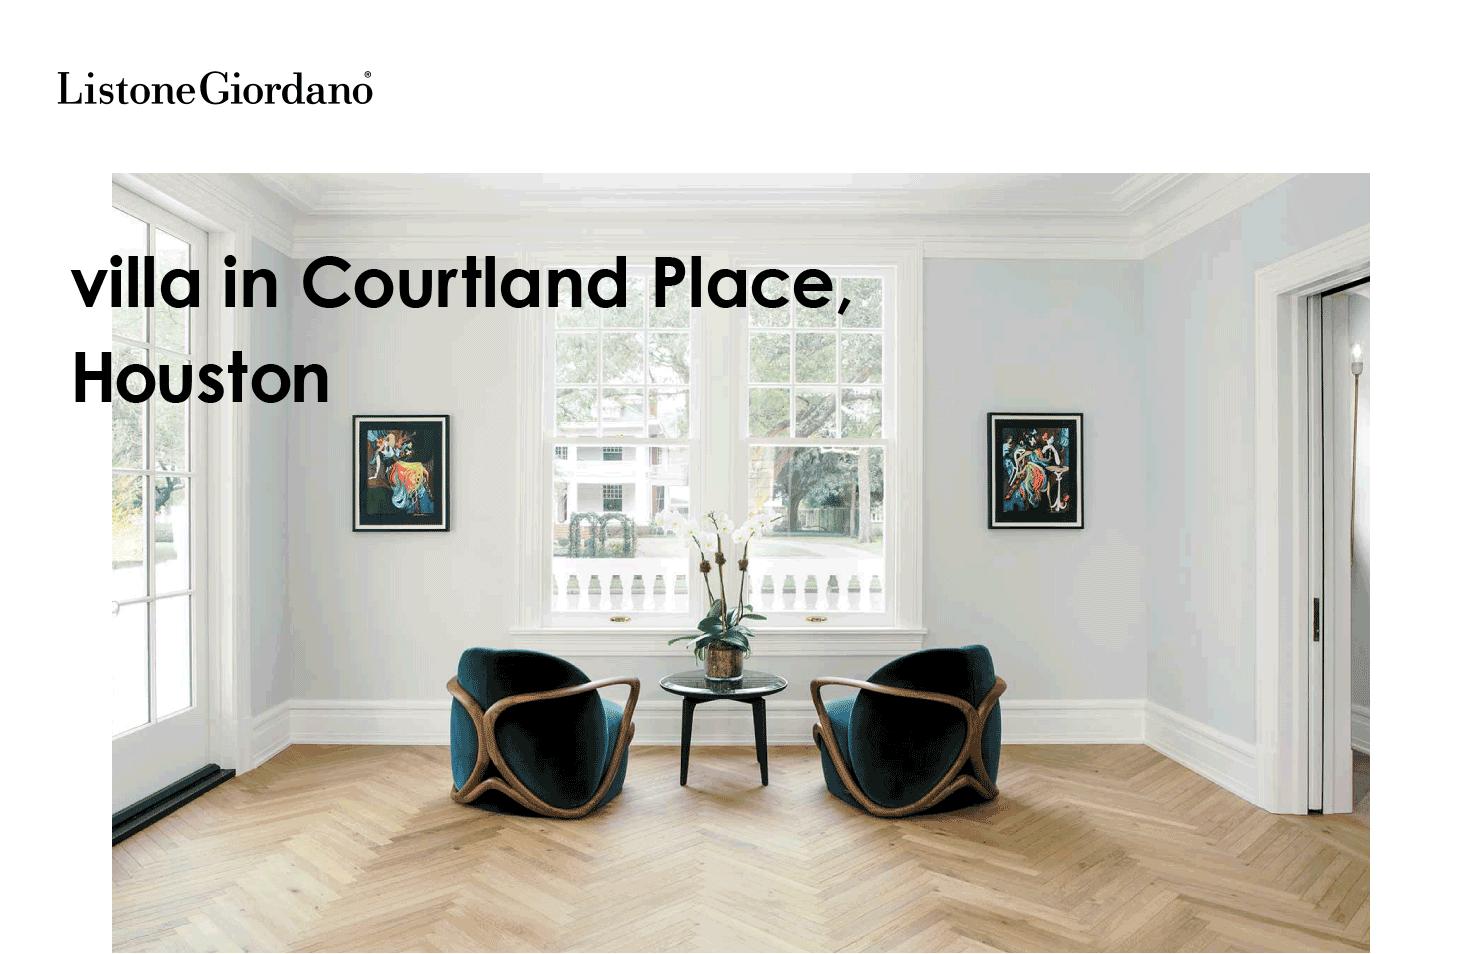 Listone Giordano villa in Courtland Place, Houston